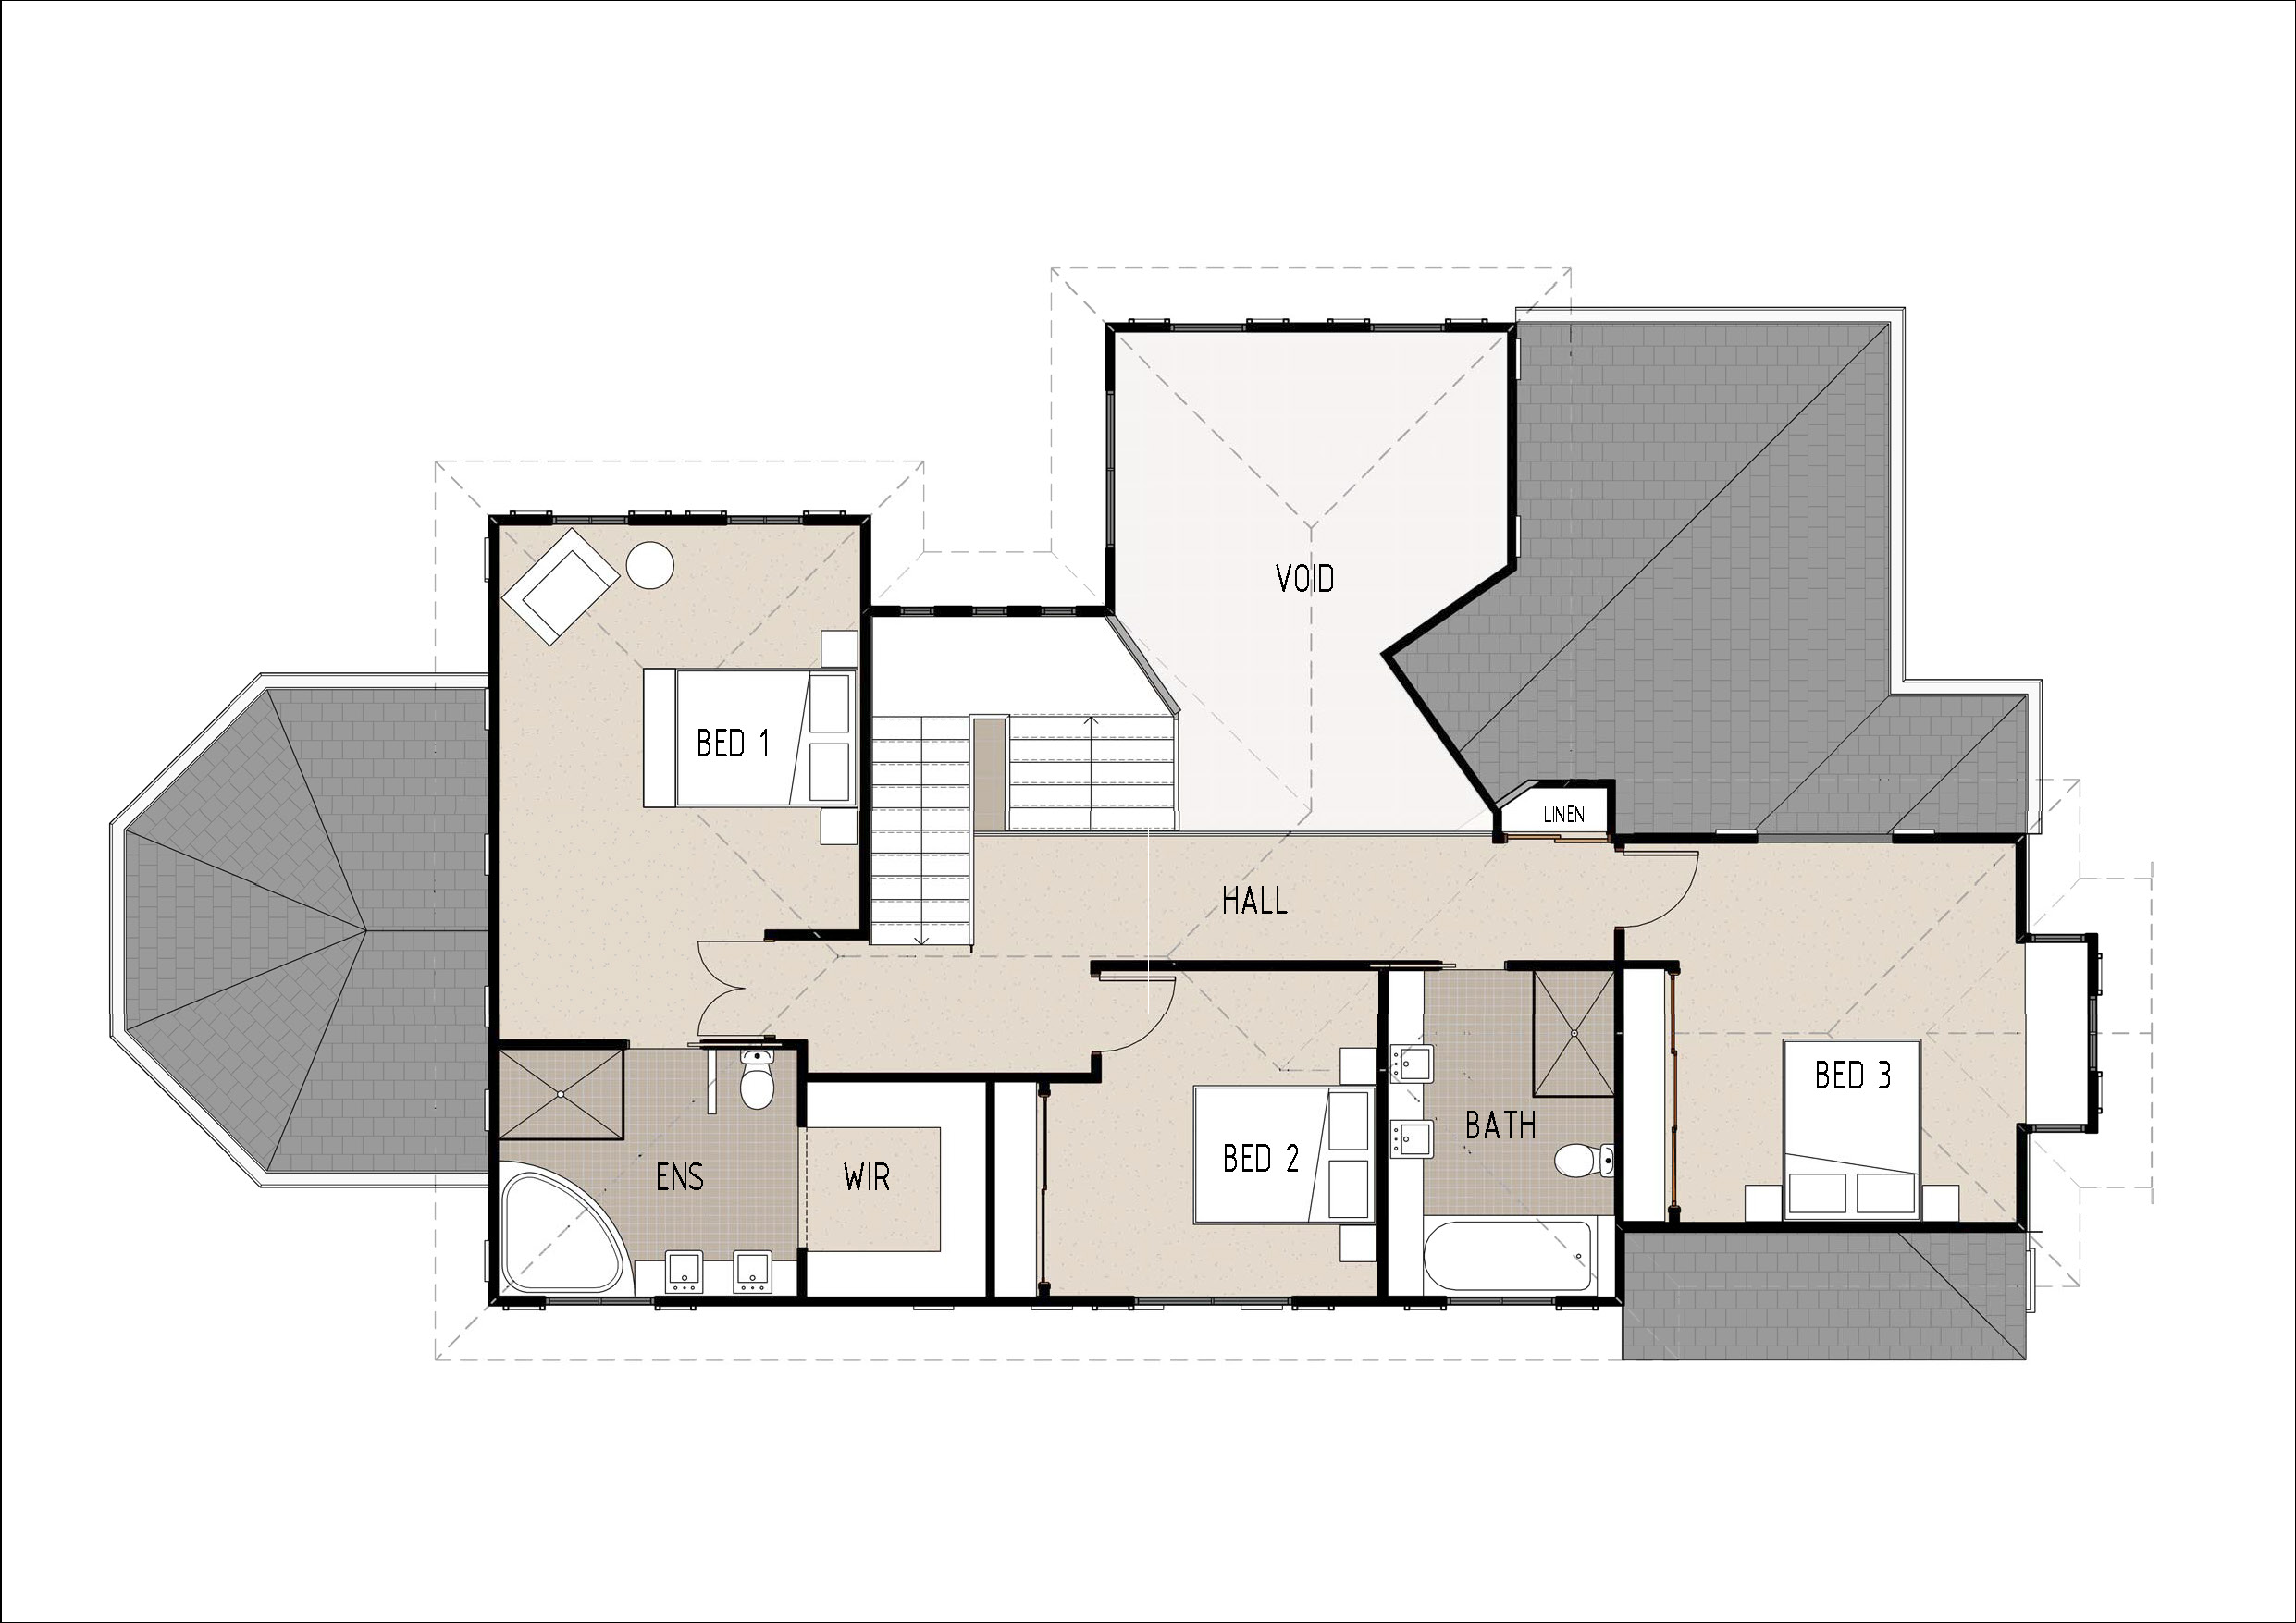 H3003 - Sheet - A603 - first floor.jpg